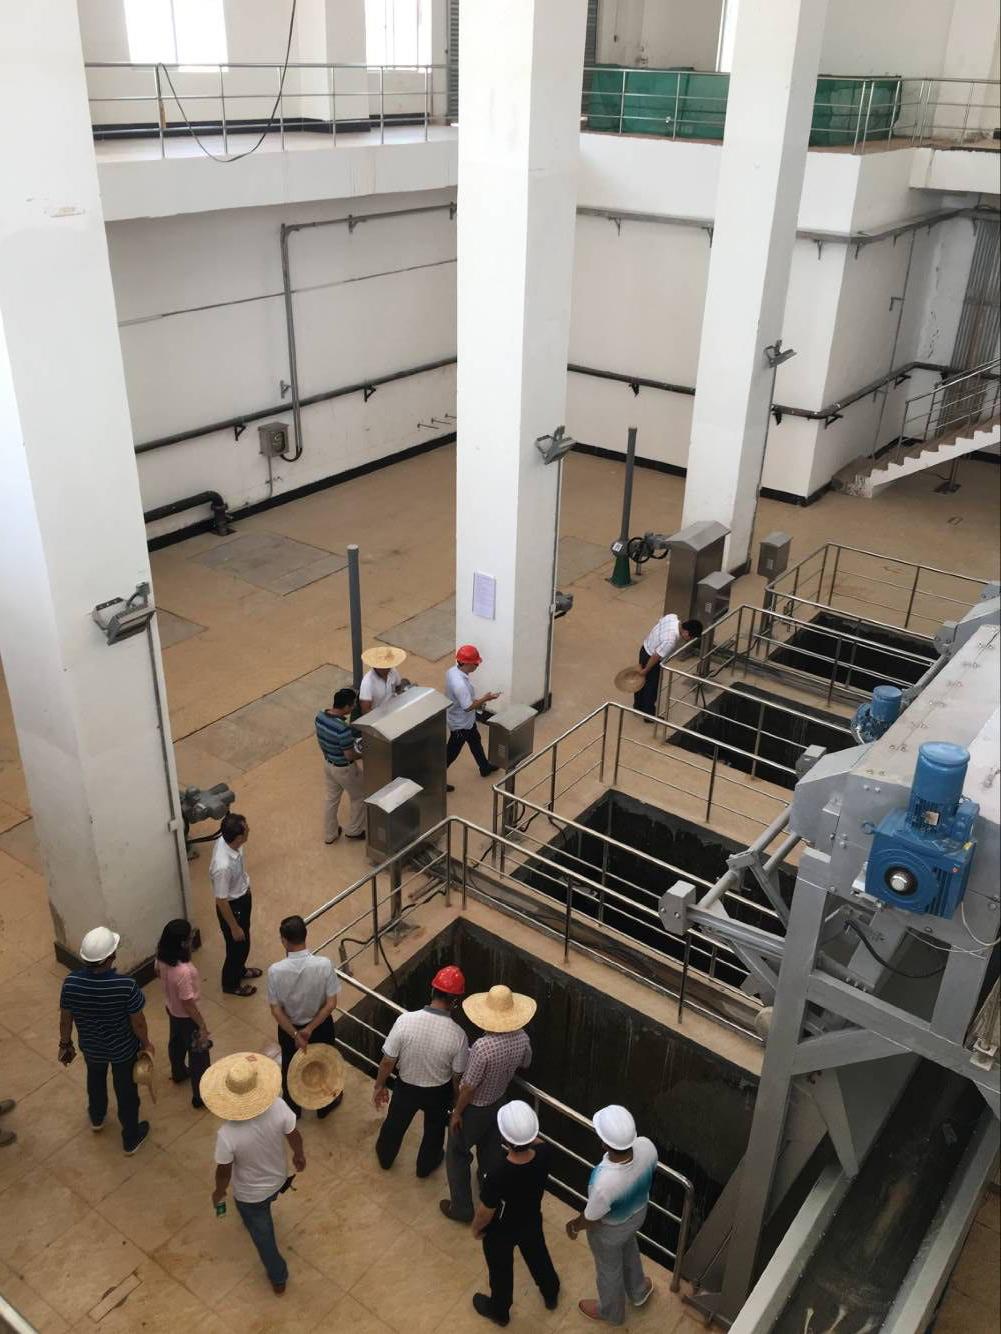 廣州石井污水處理二期工程設備采購及安裝工程